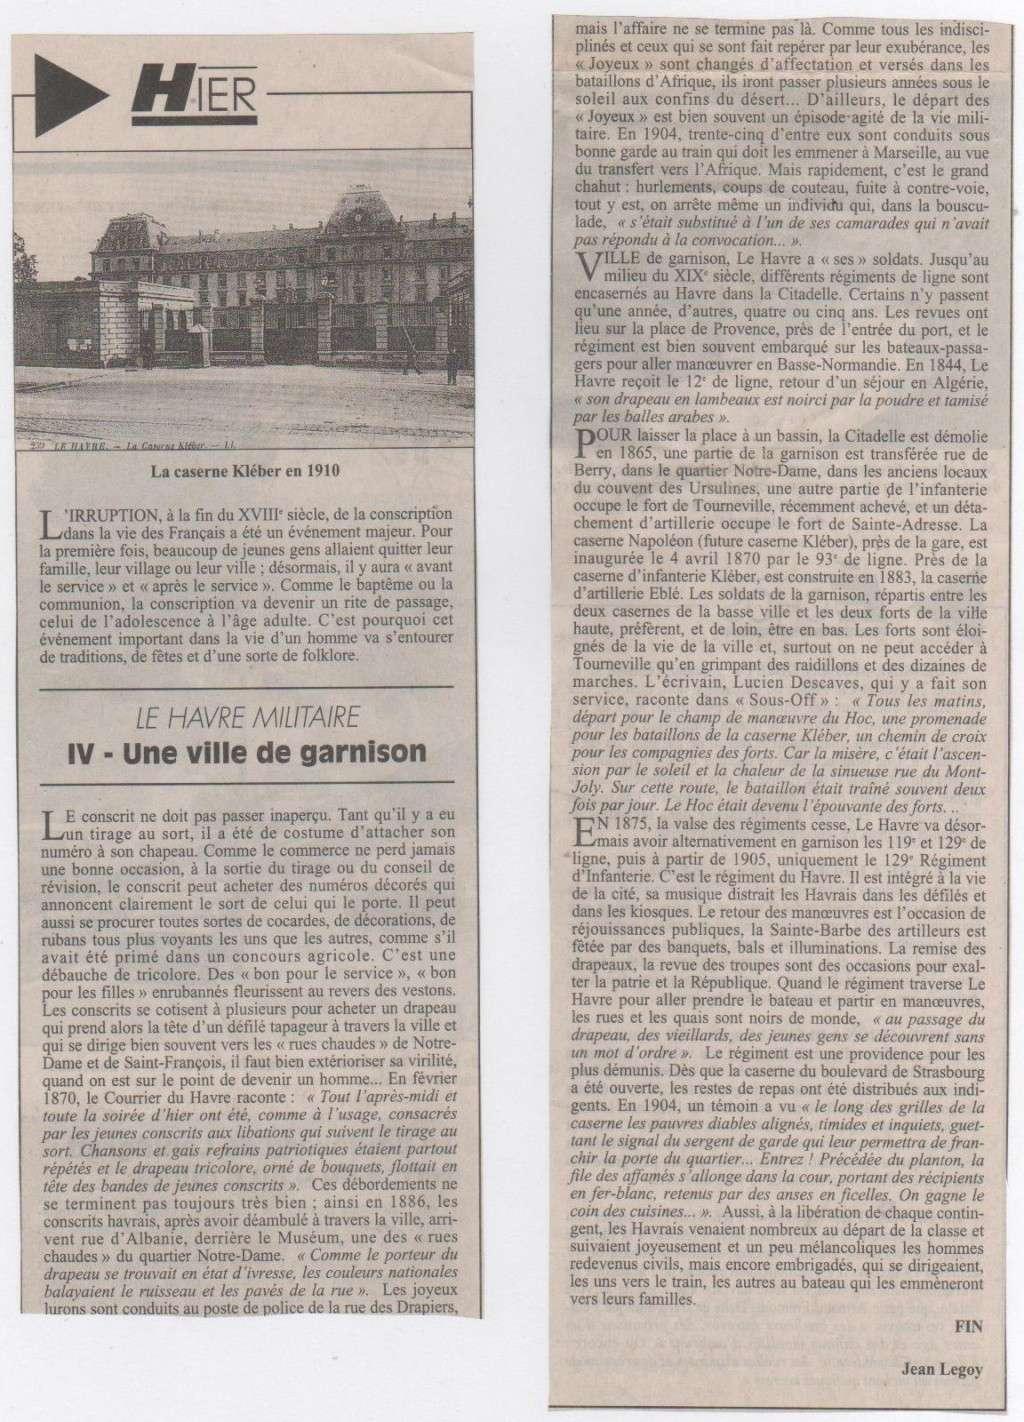 Hier, Le Havre par Jean LEGOY - Page 2 Jean_l56